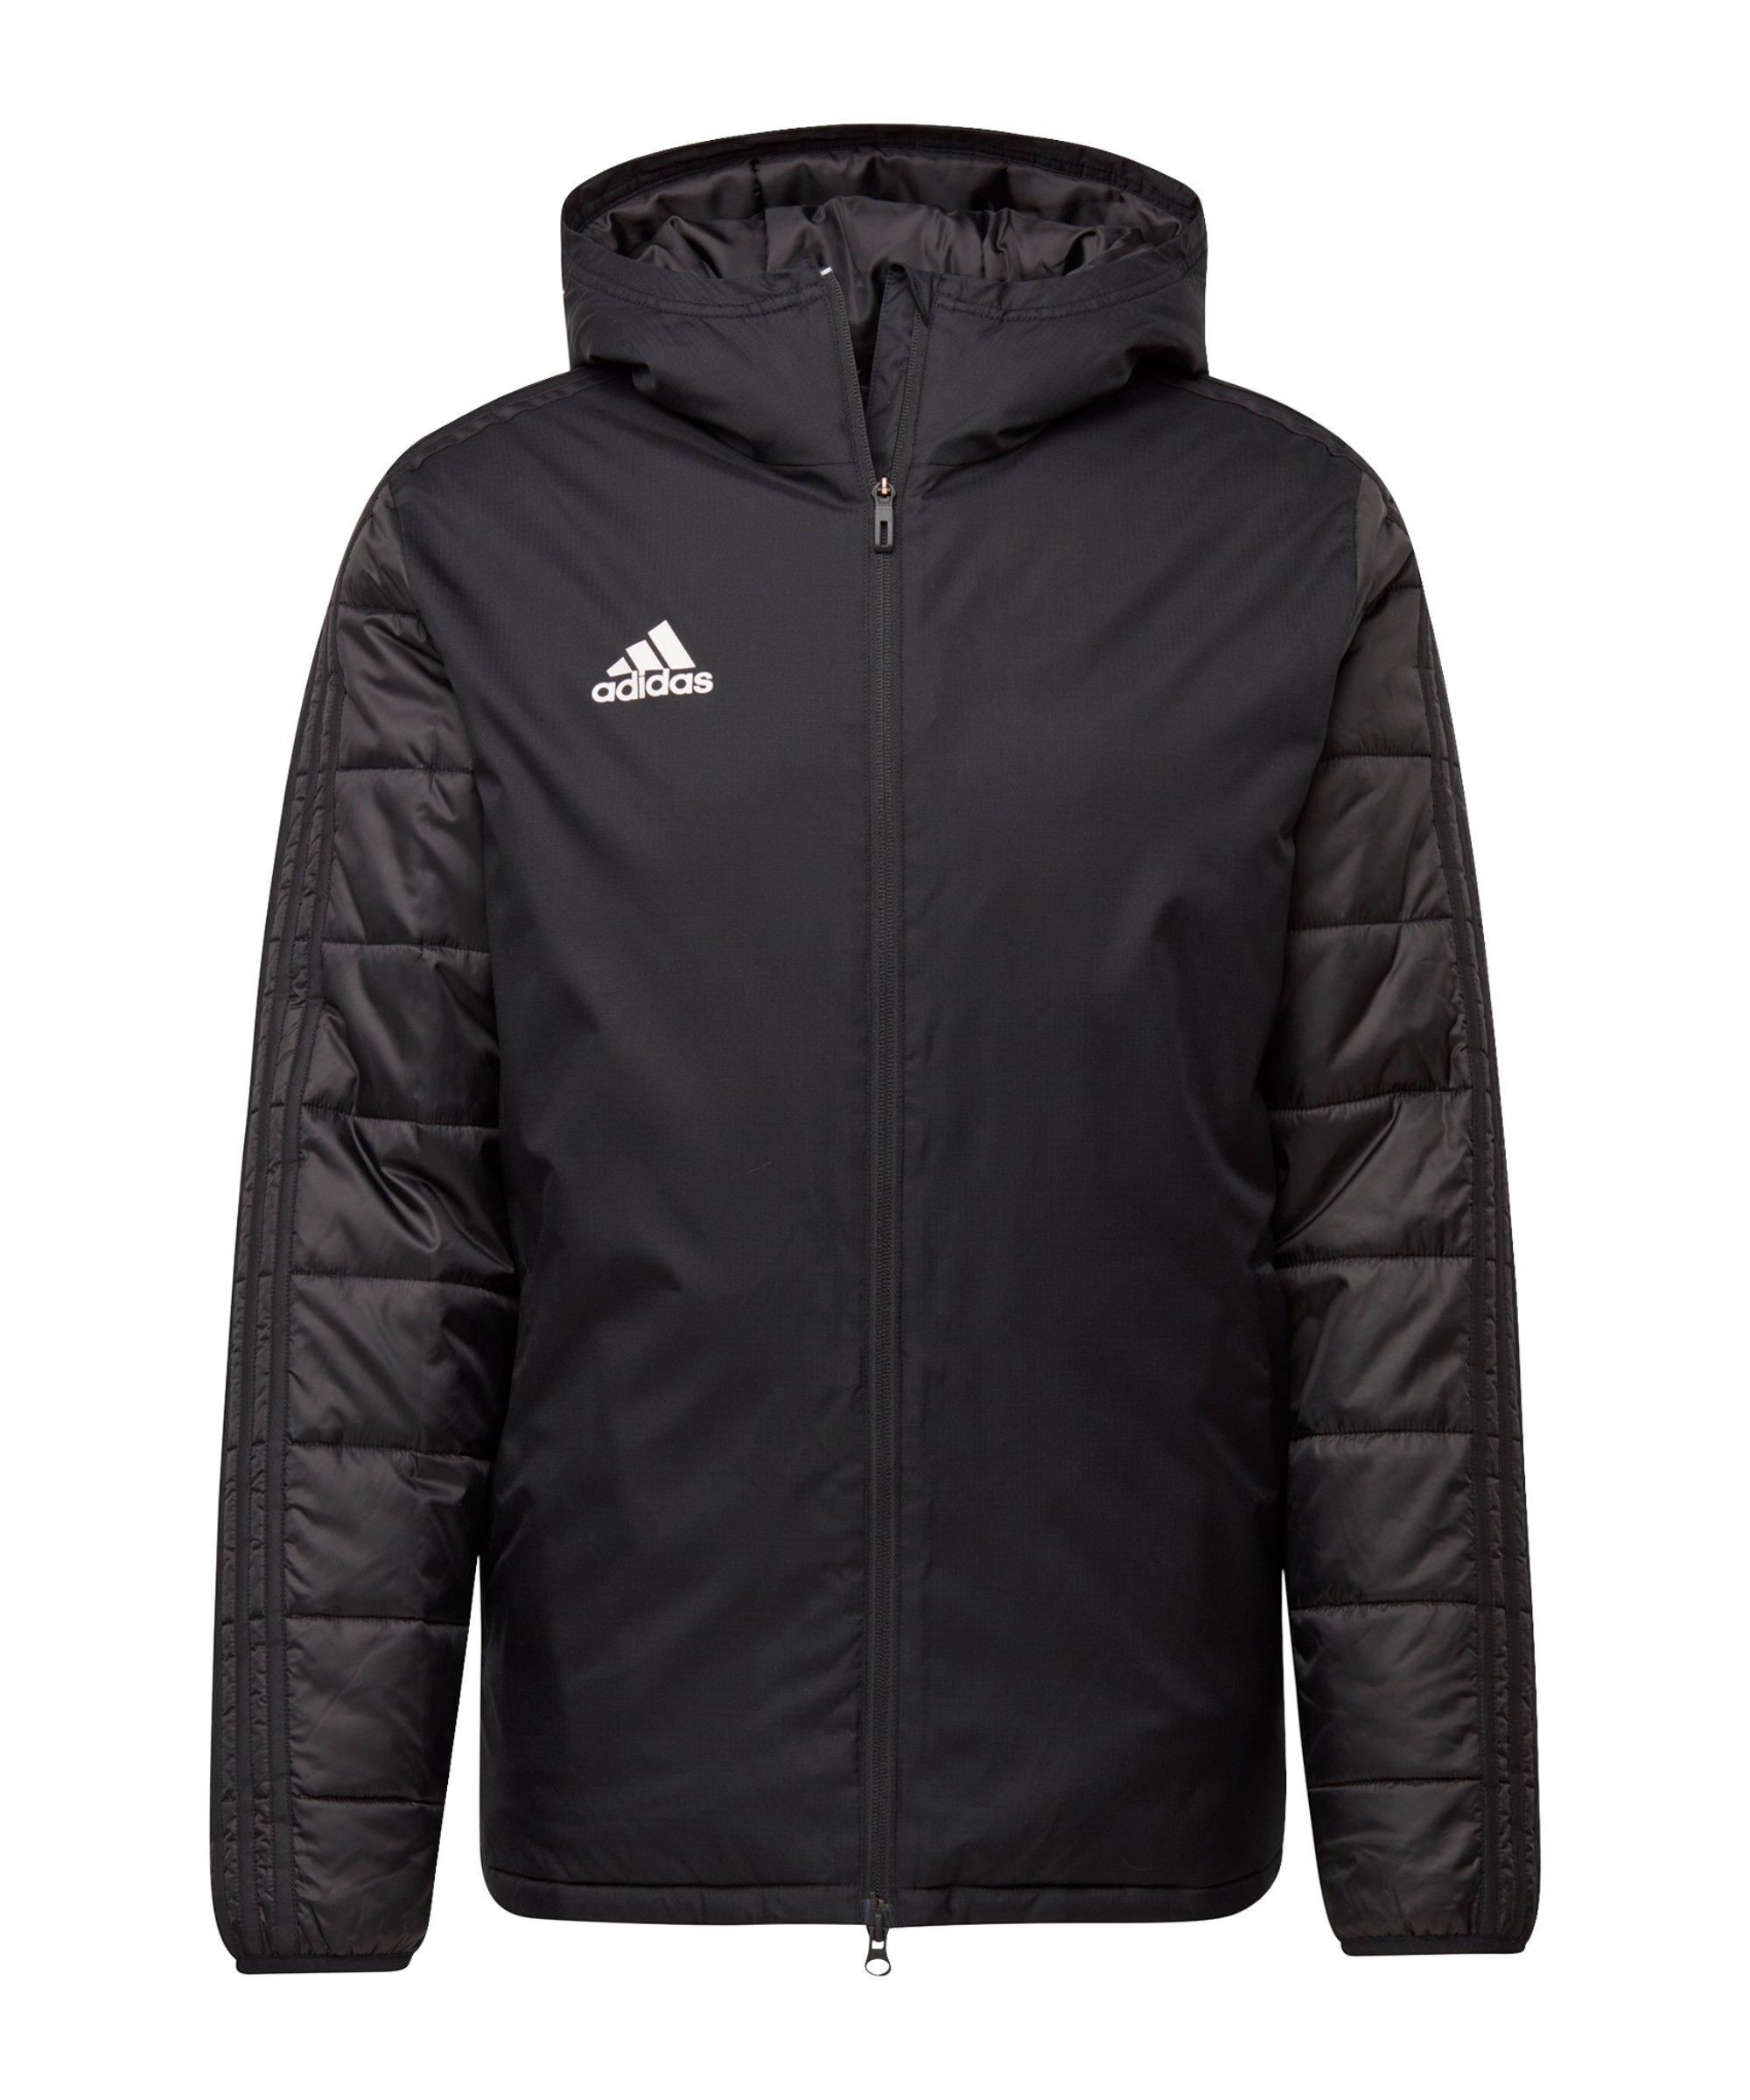 adidas Jacket 18 Winterjacke Schwarz - schwarz